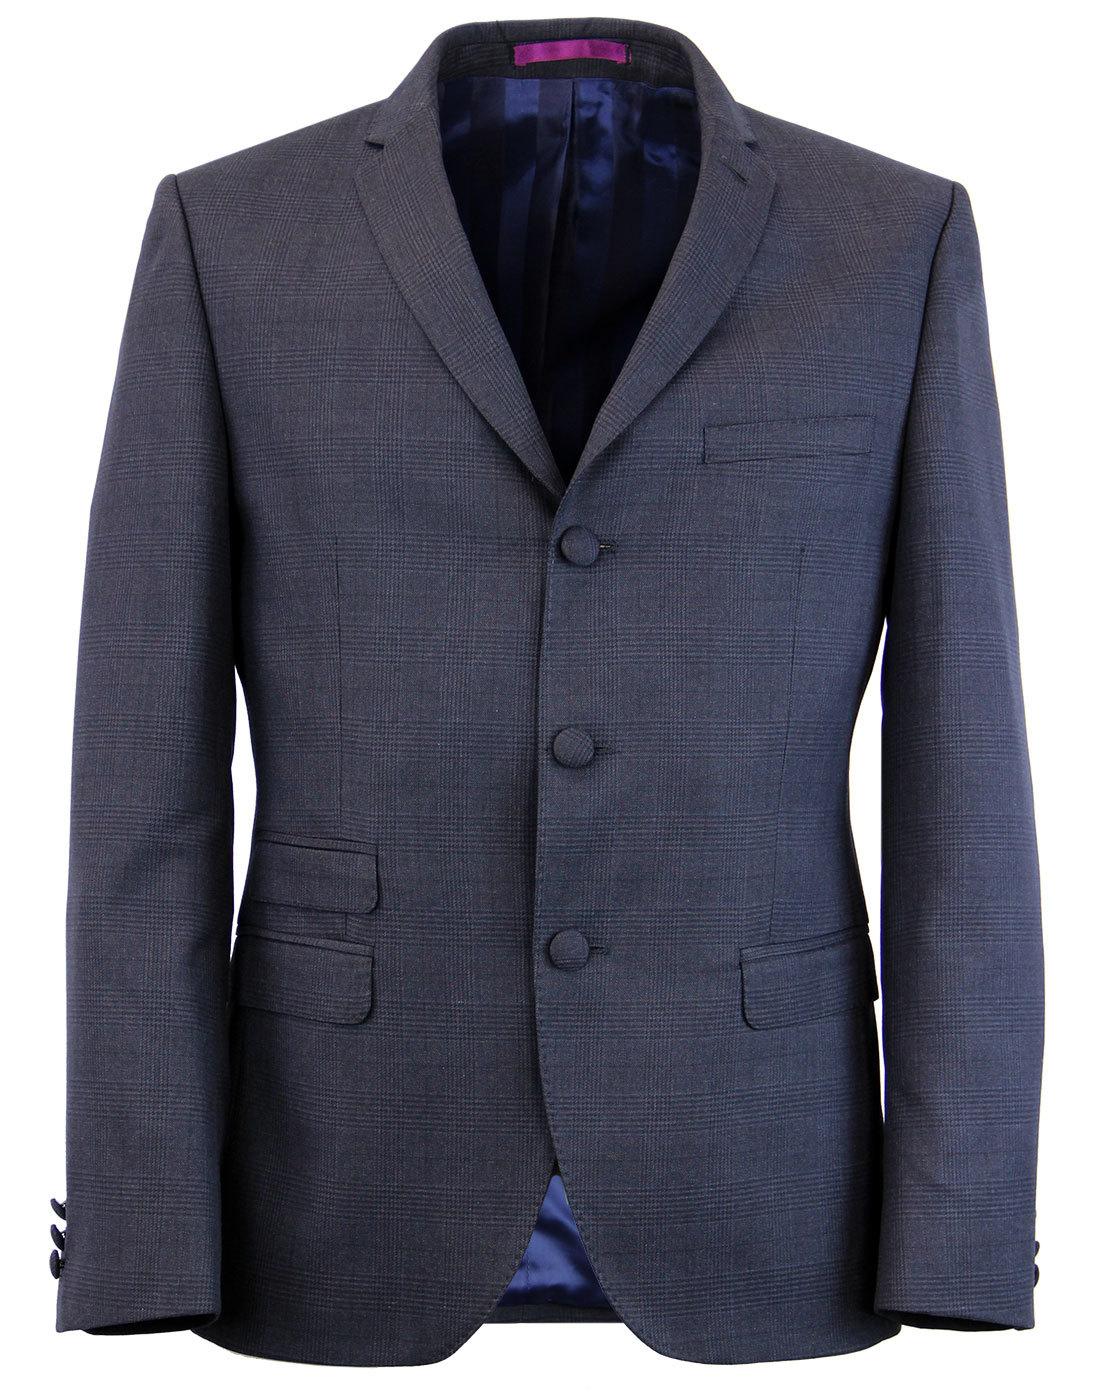 MADCAP ENGLAND 60s Mod Check 3 Button Suit Jacket